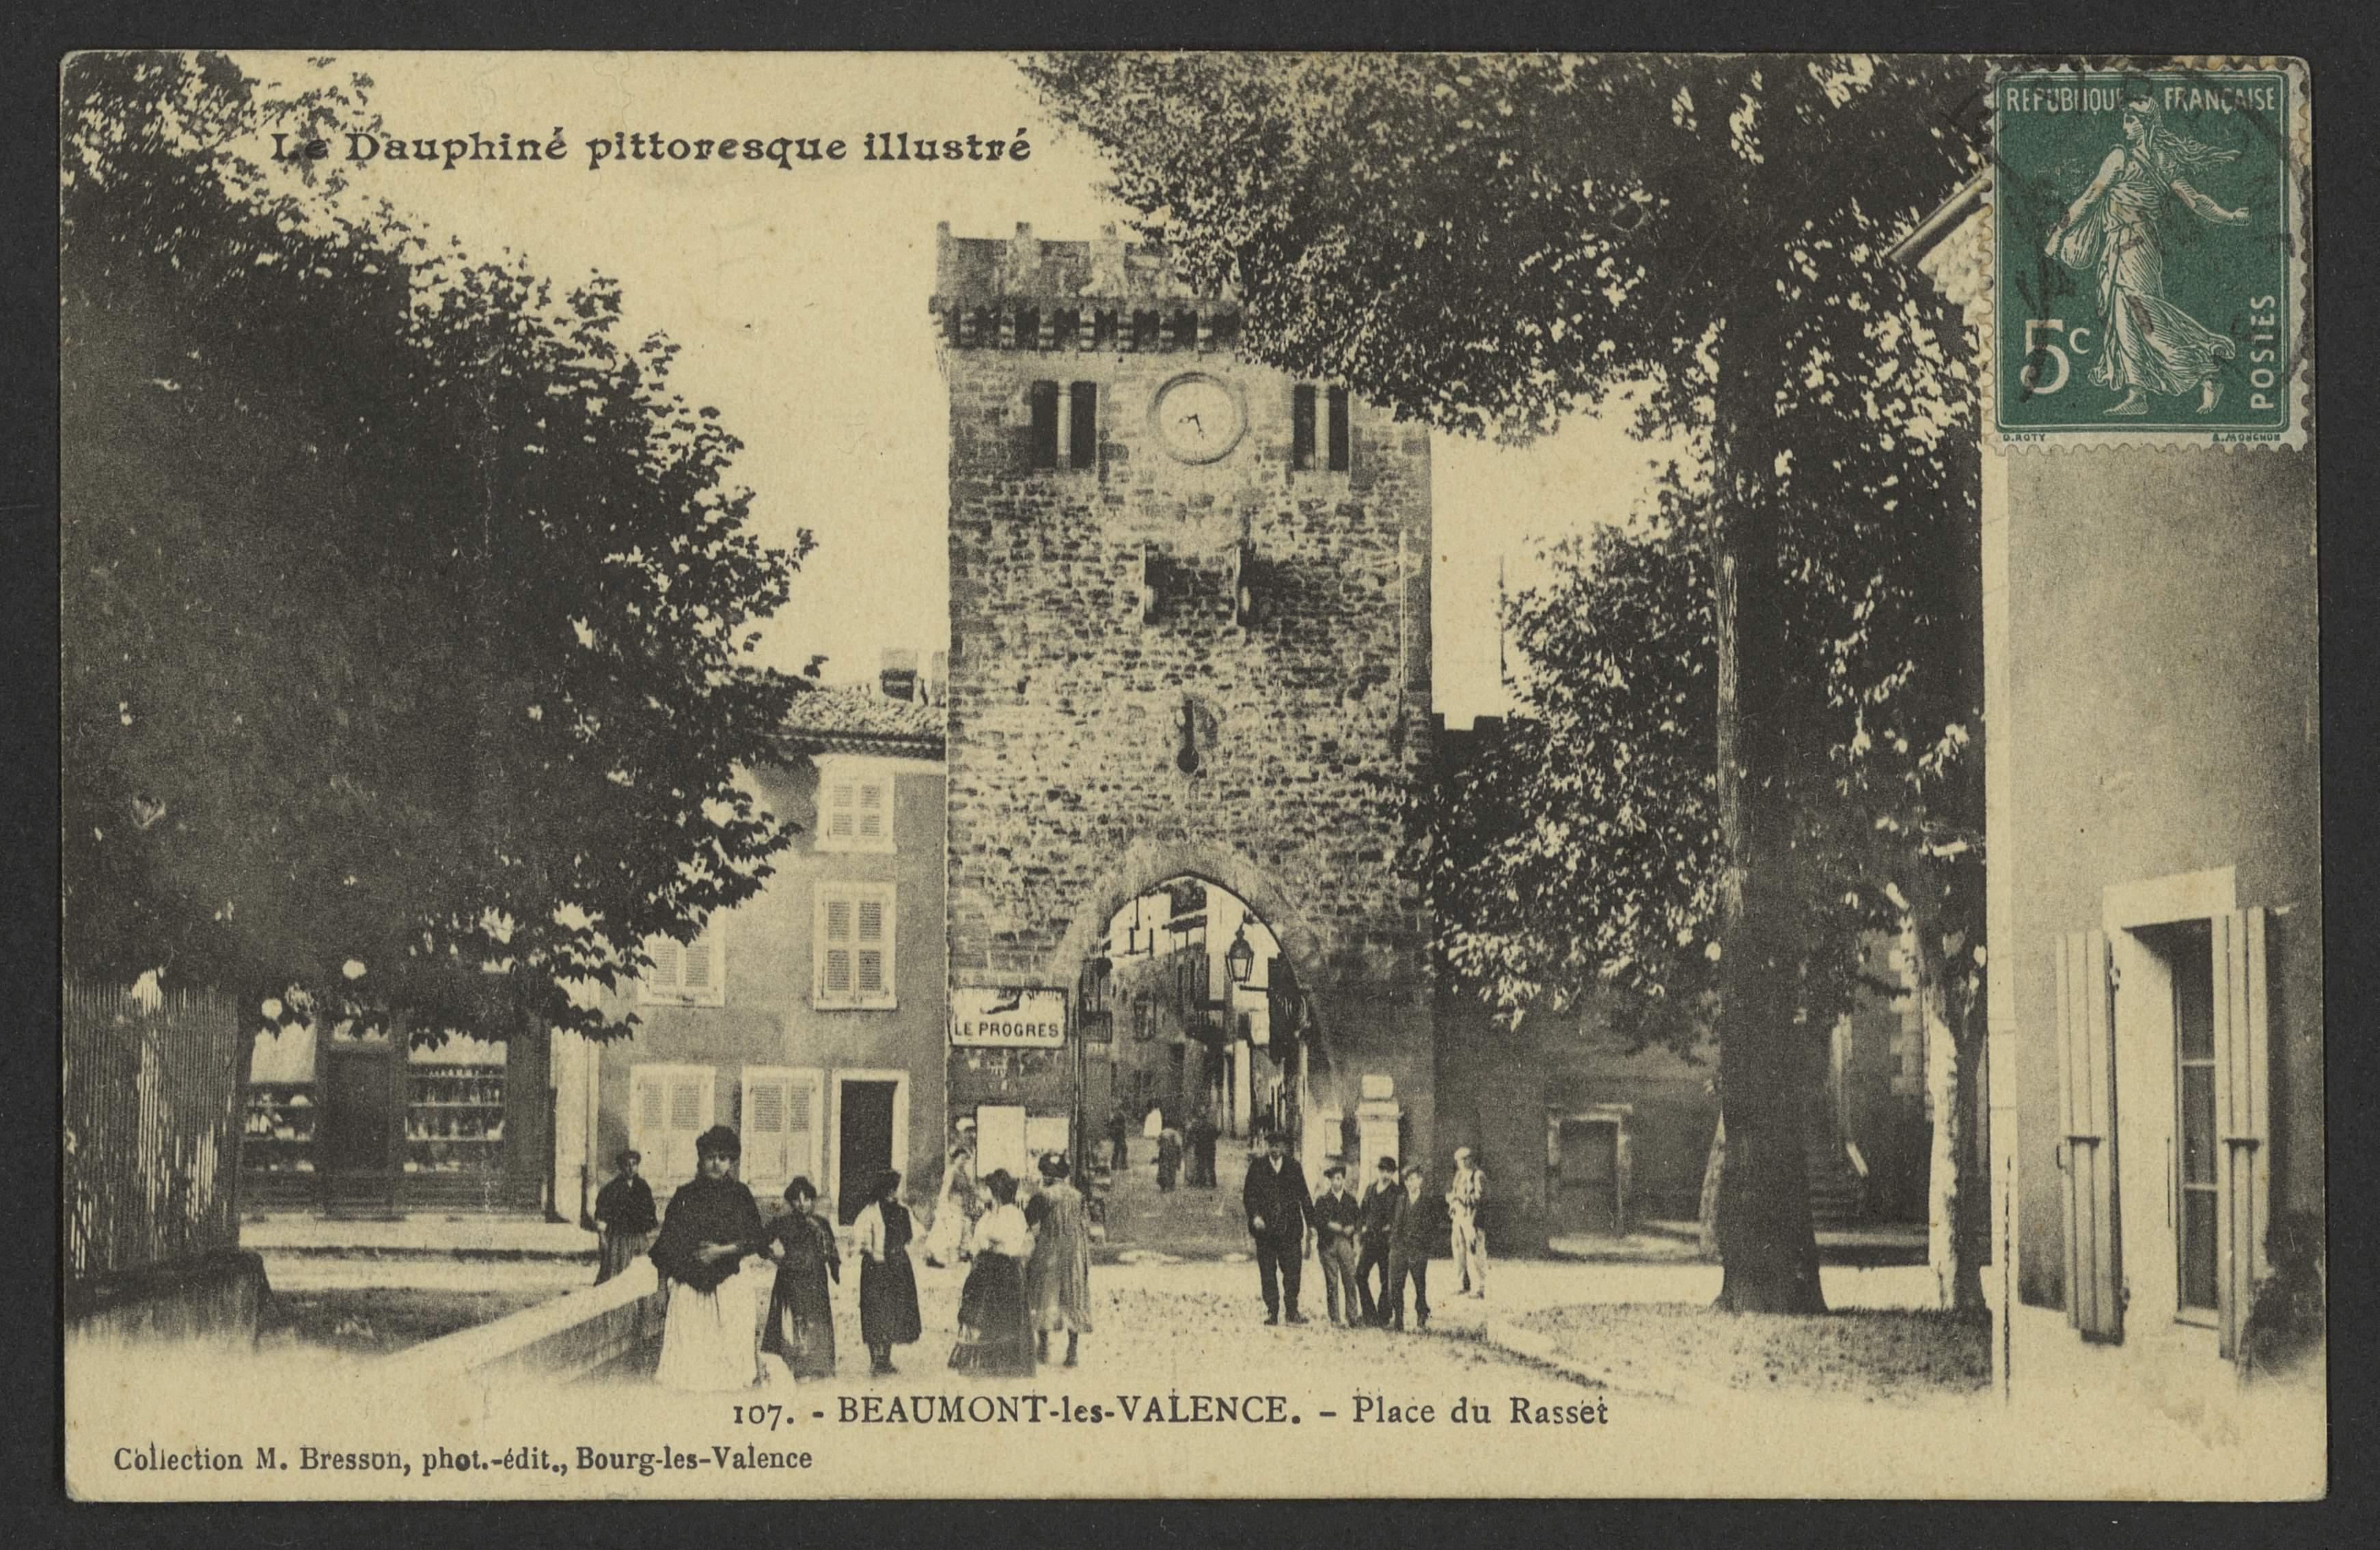 Beaumont-les-Valence. - Place du Rasset